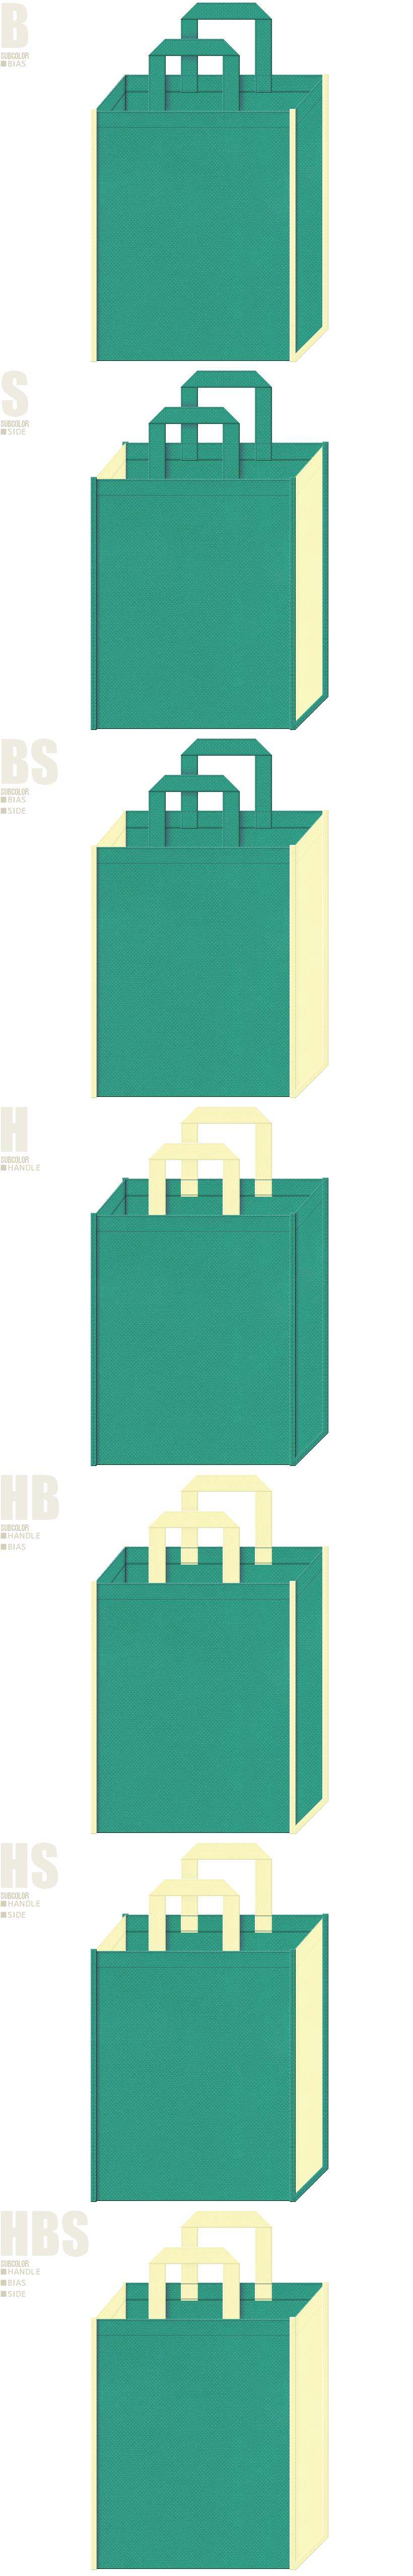 青緑色と薄黄色、7パターンの不織布トートバッグ配色デザイン例。介護、福祉施設の不織布バッグにお奨めの配色です。